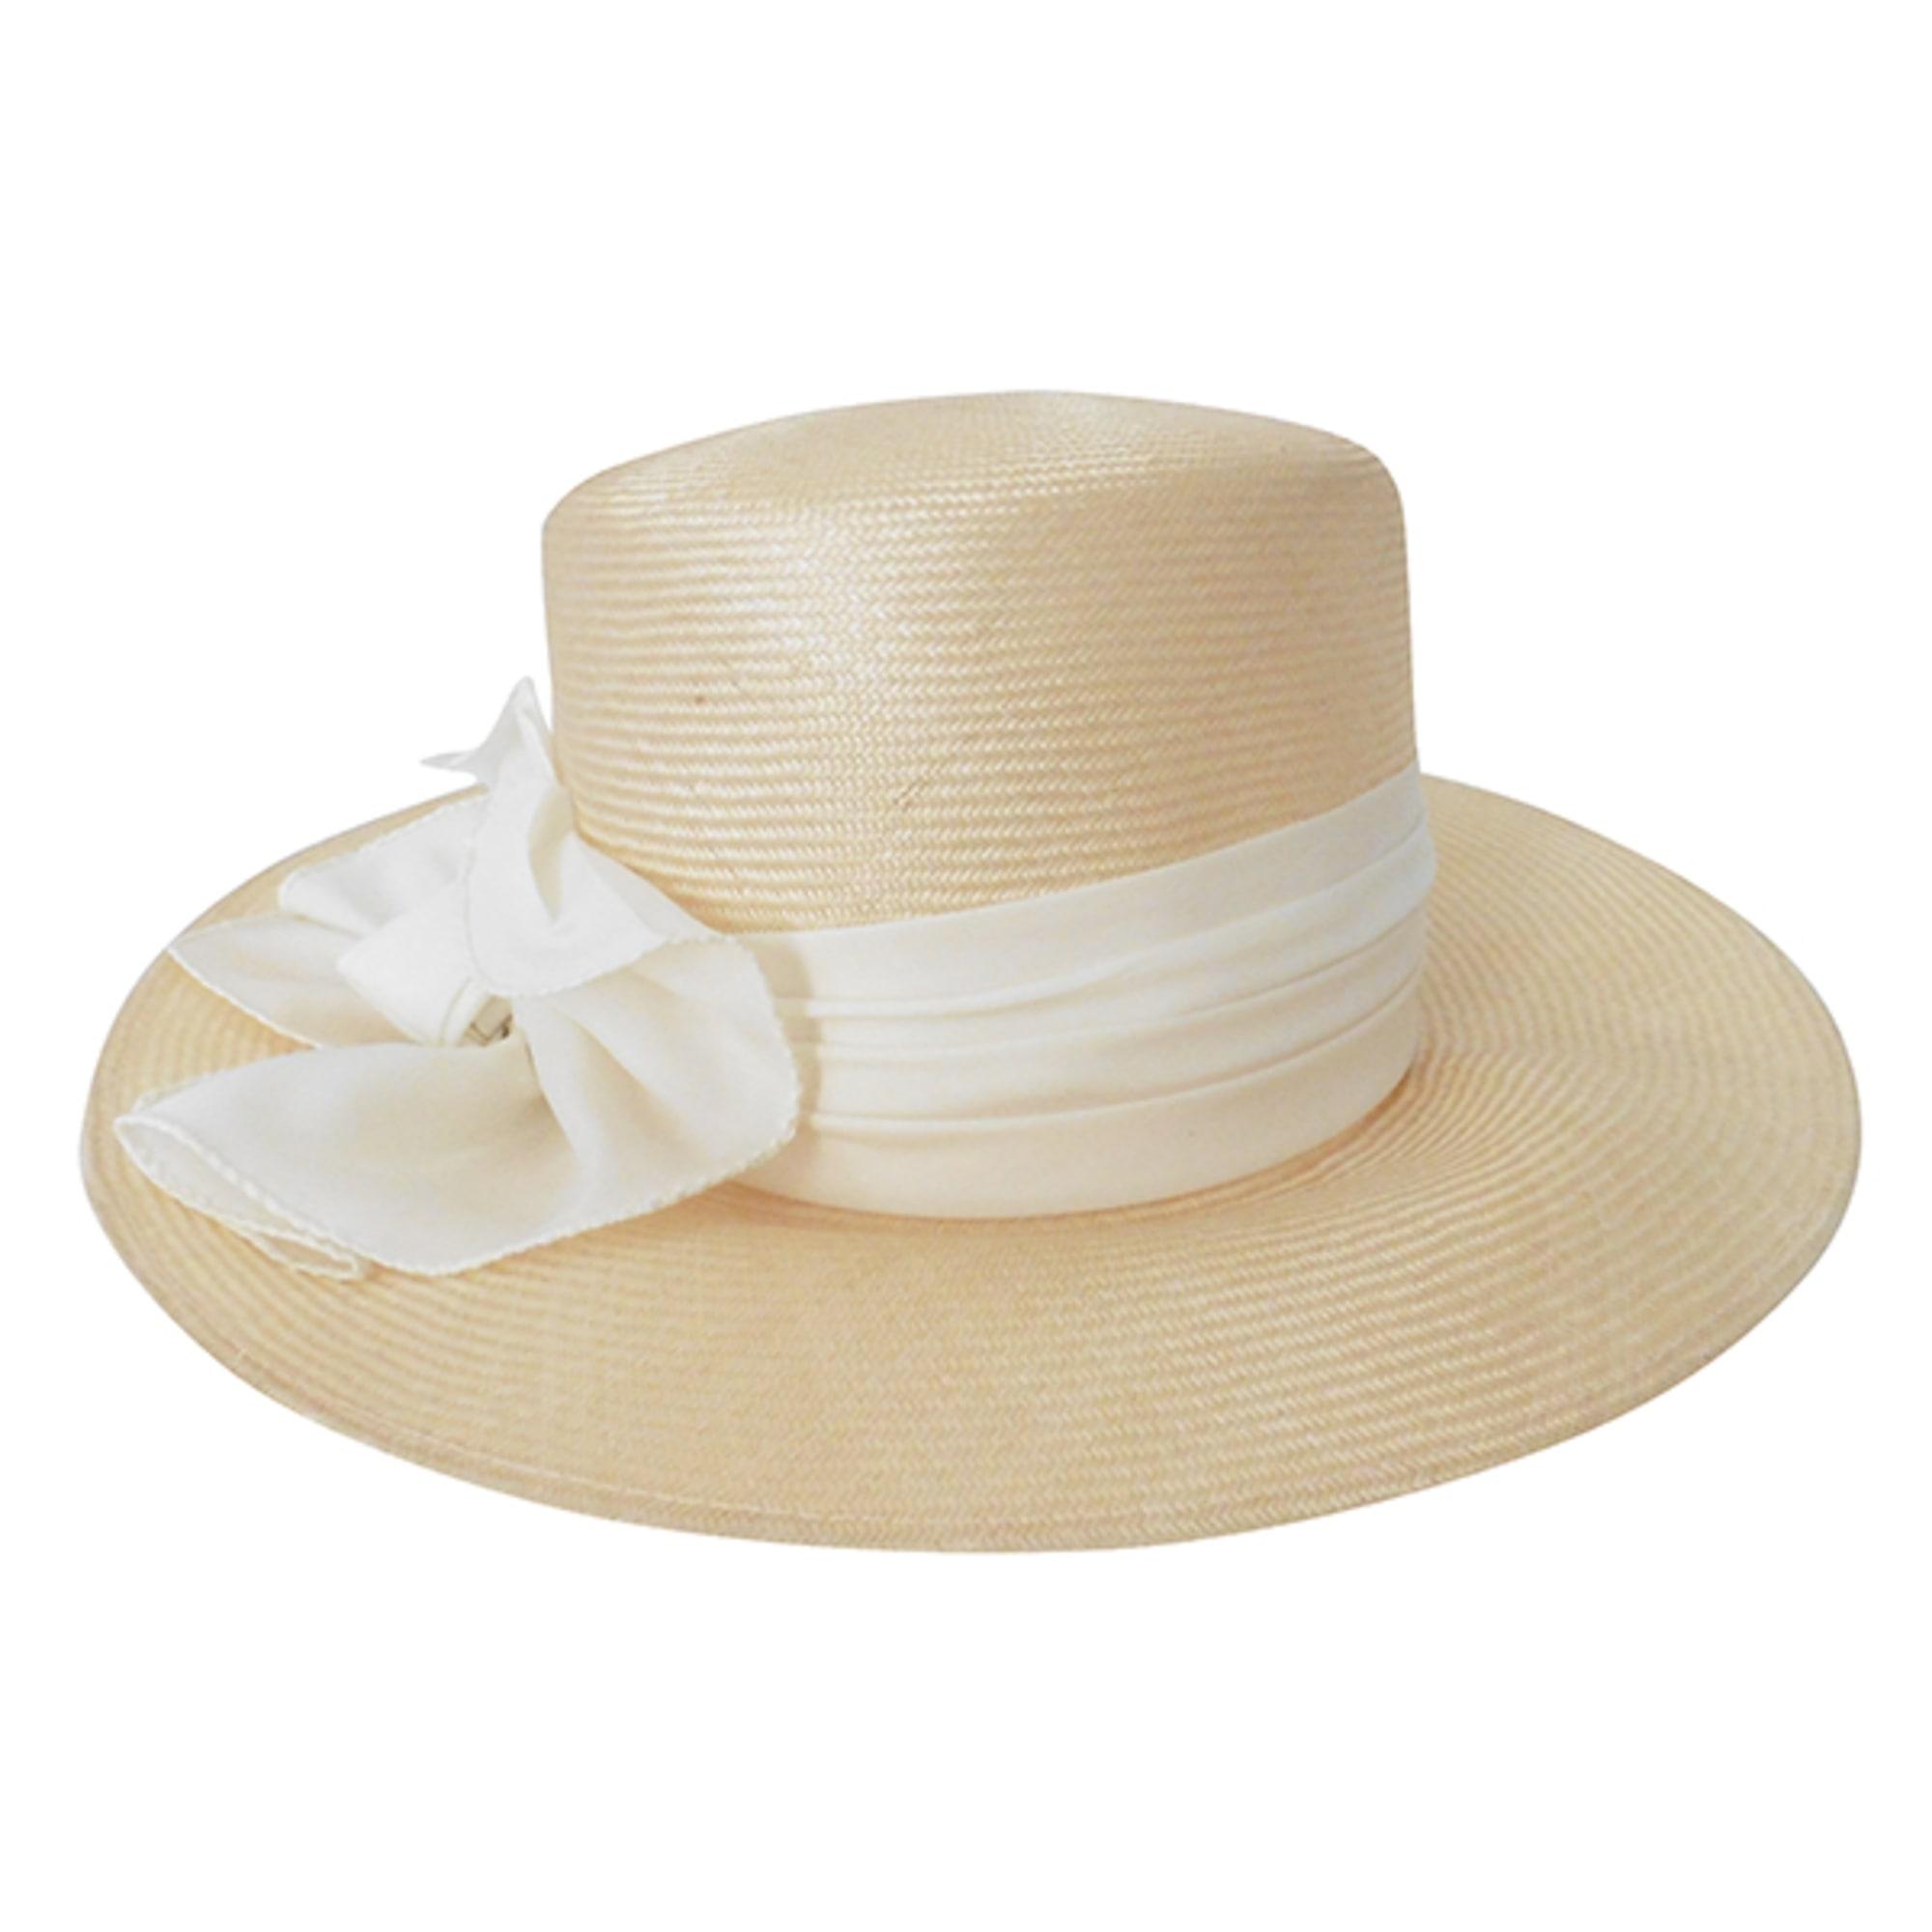 Chapeau KANGOL couleur paille avec noeud blanc